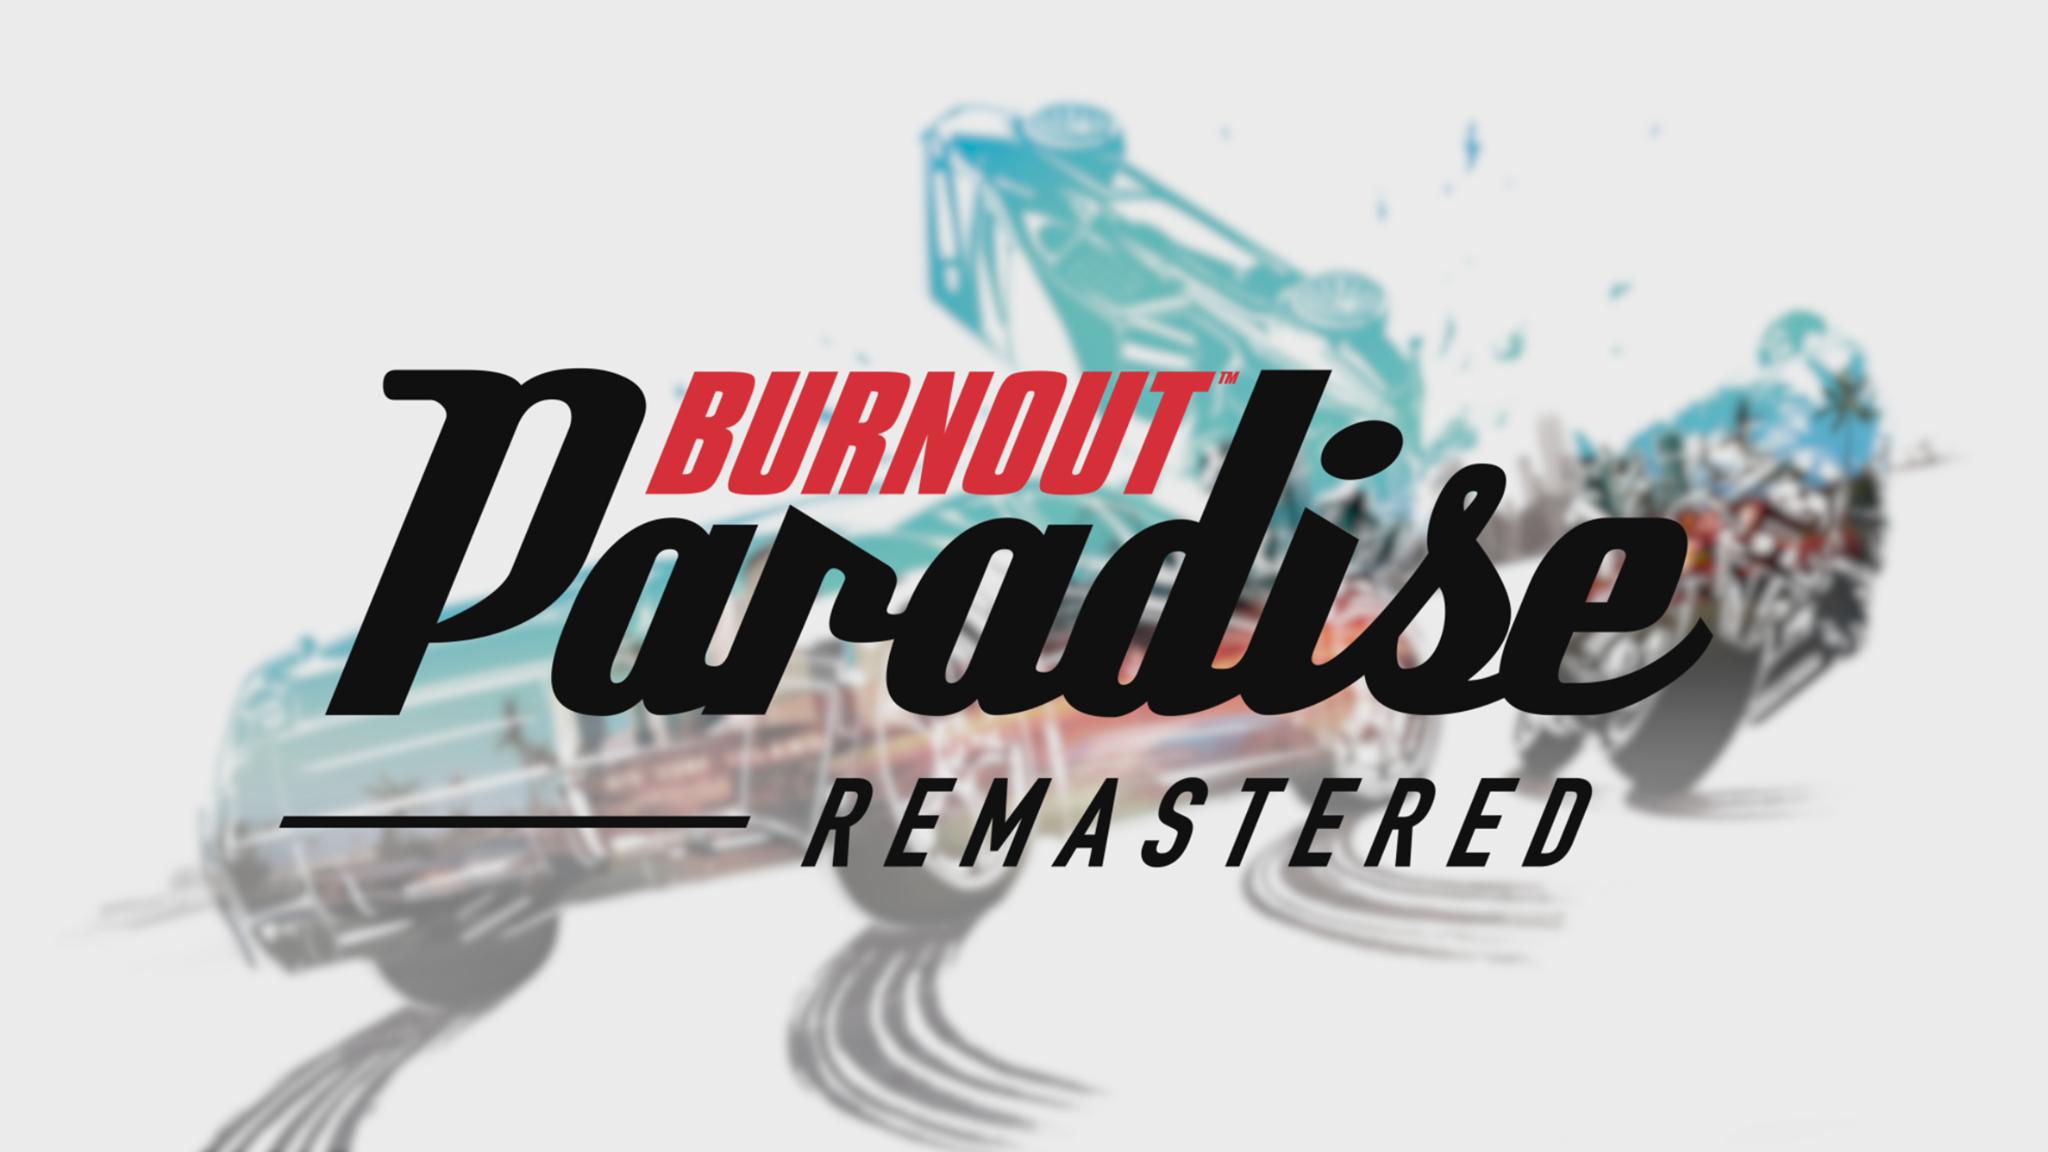 burnoutparadiseremastered.png